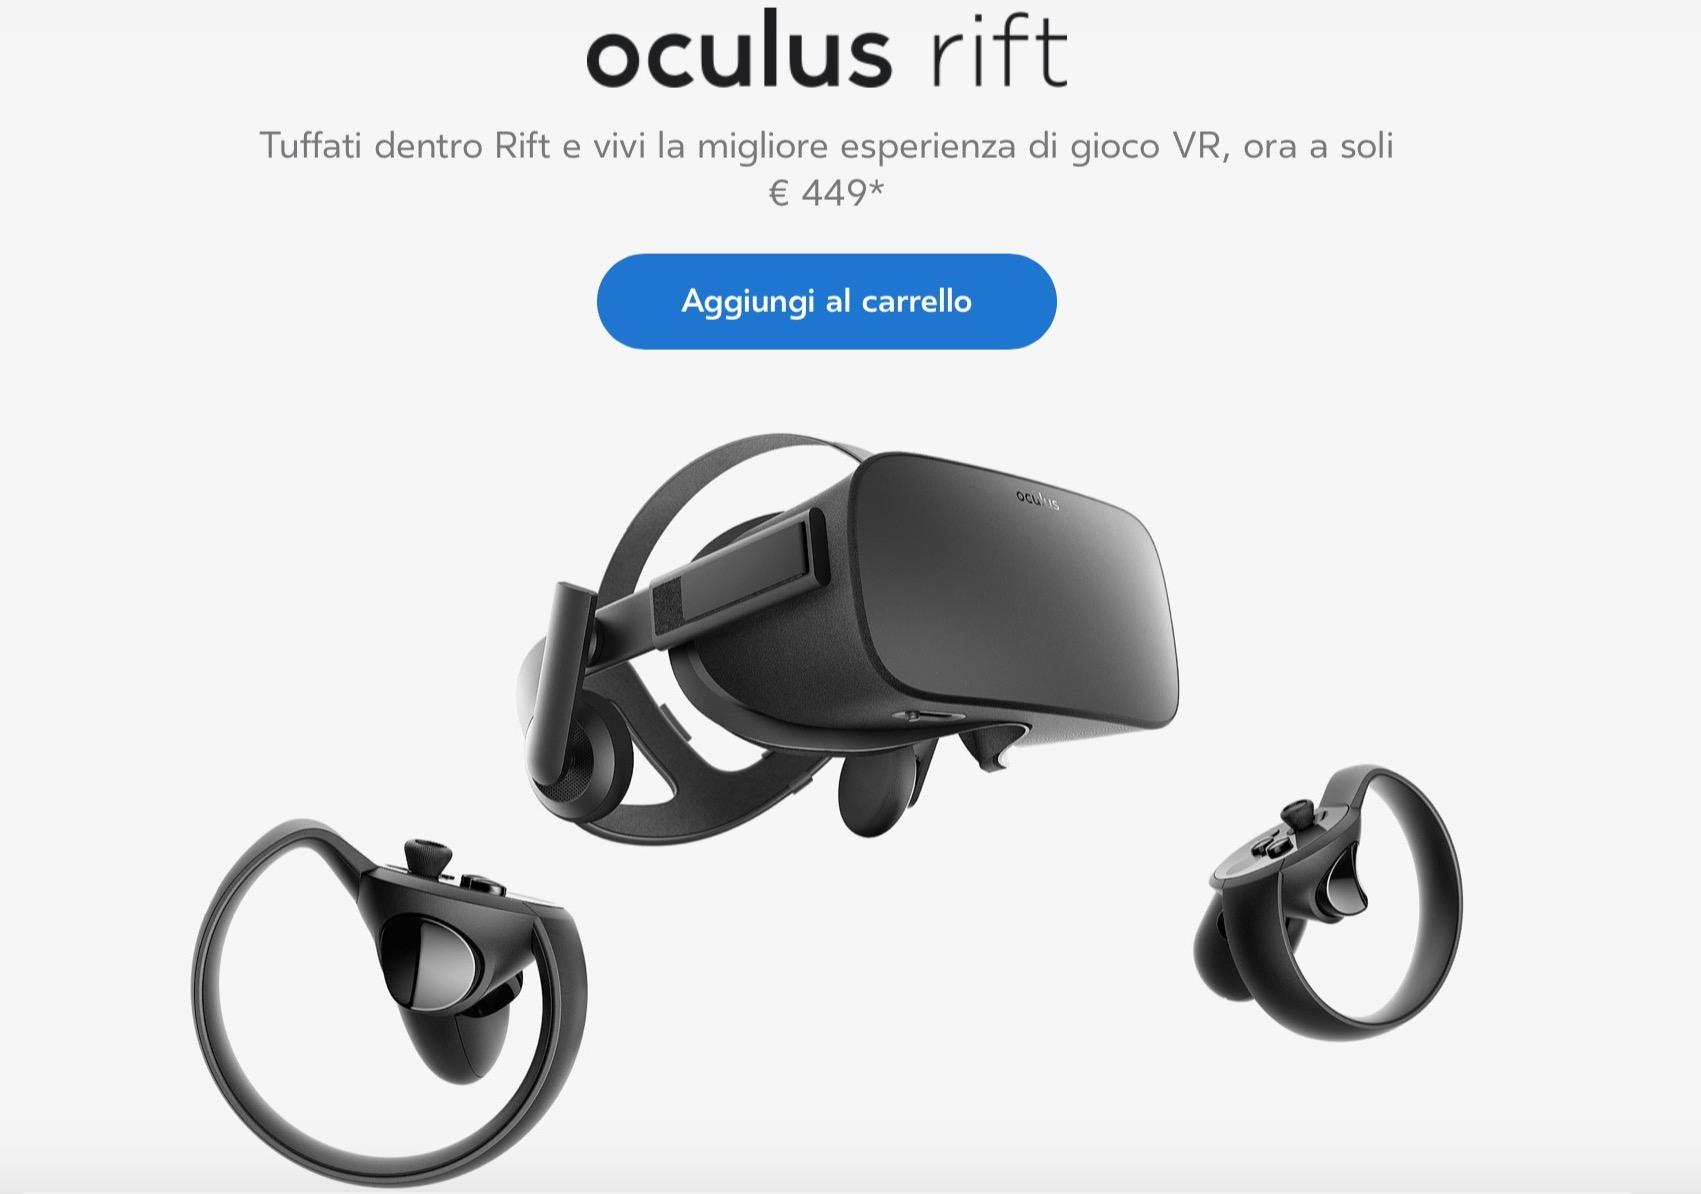 Oculus Rift, il prezzo scende a 449 euro